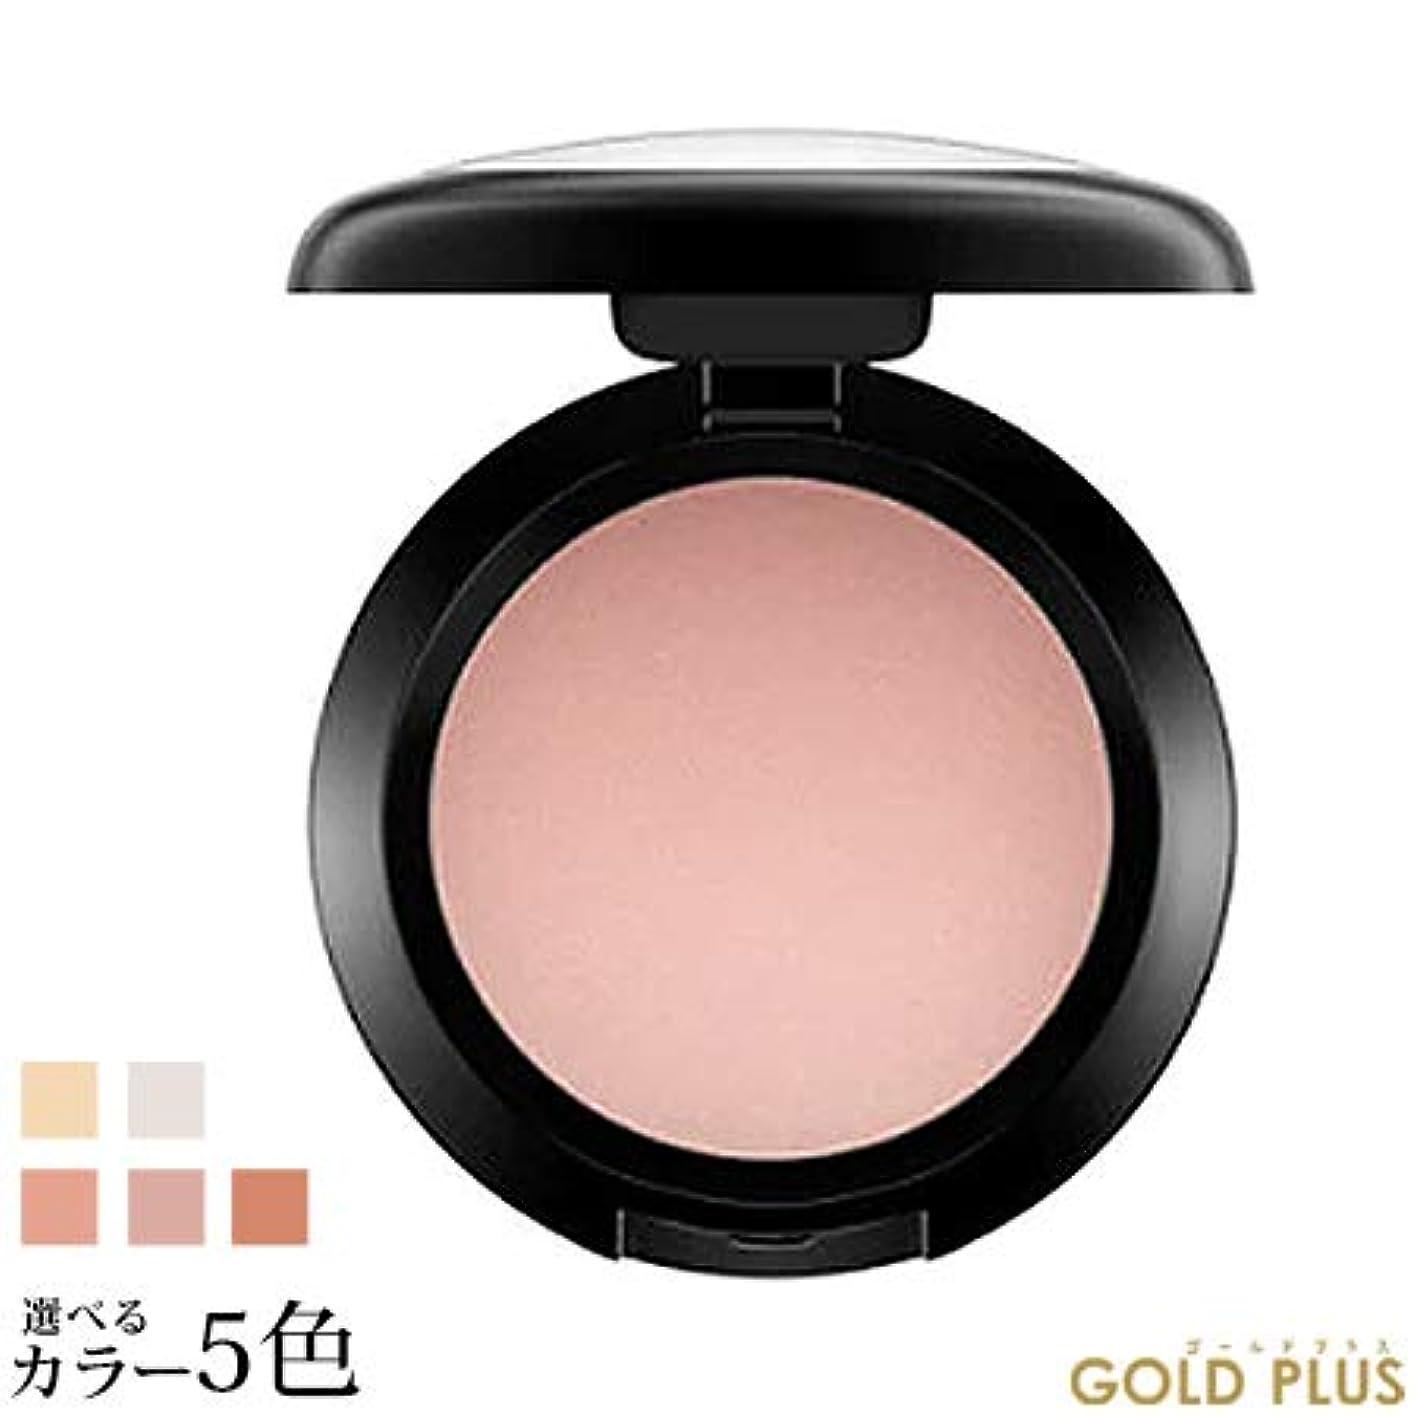 中にパラメータデンプシーマック クリーム カラー ベース 選べるカラー5色 -MAC- パール